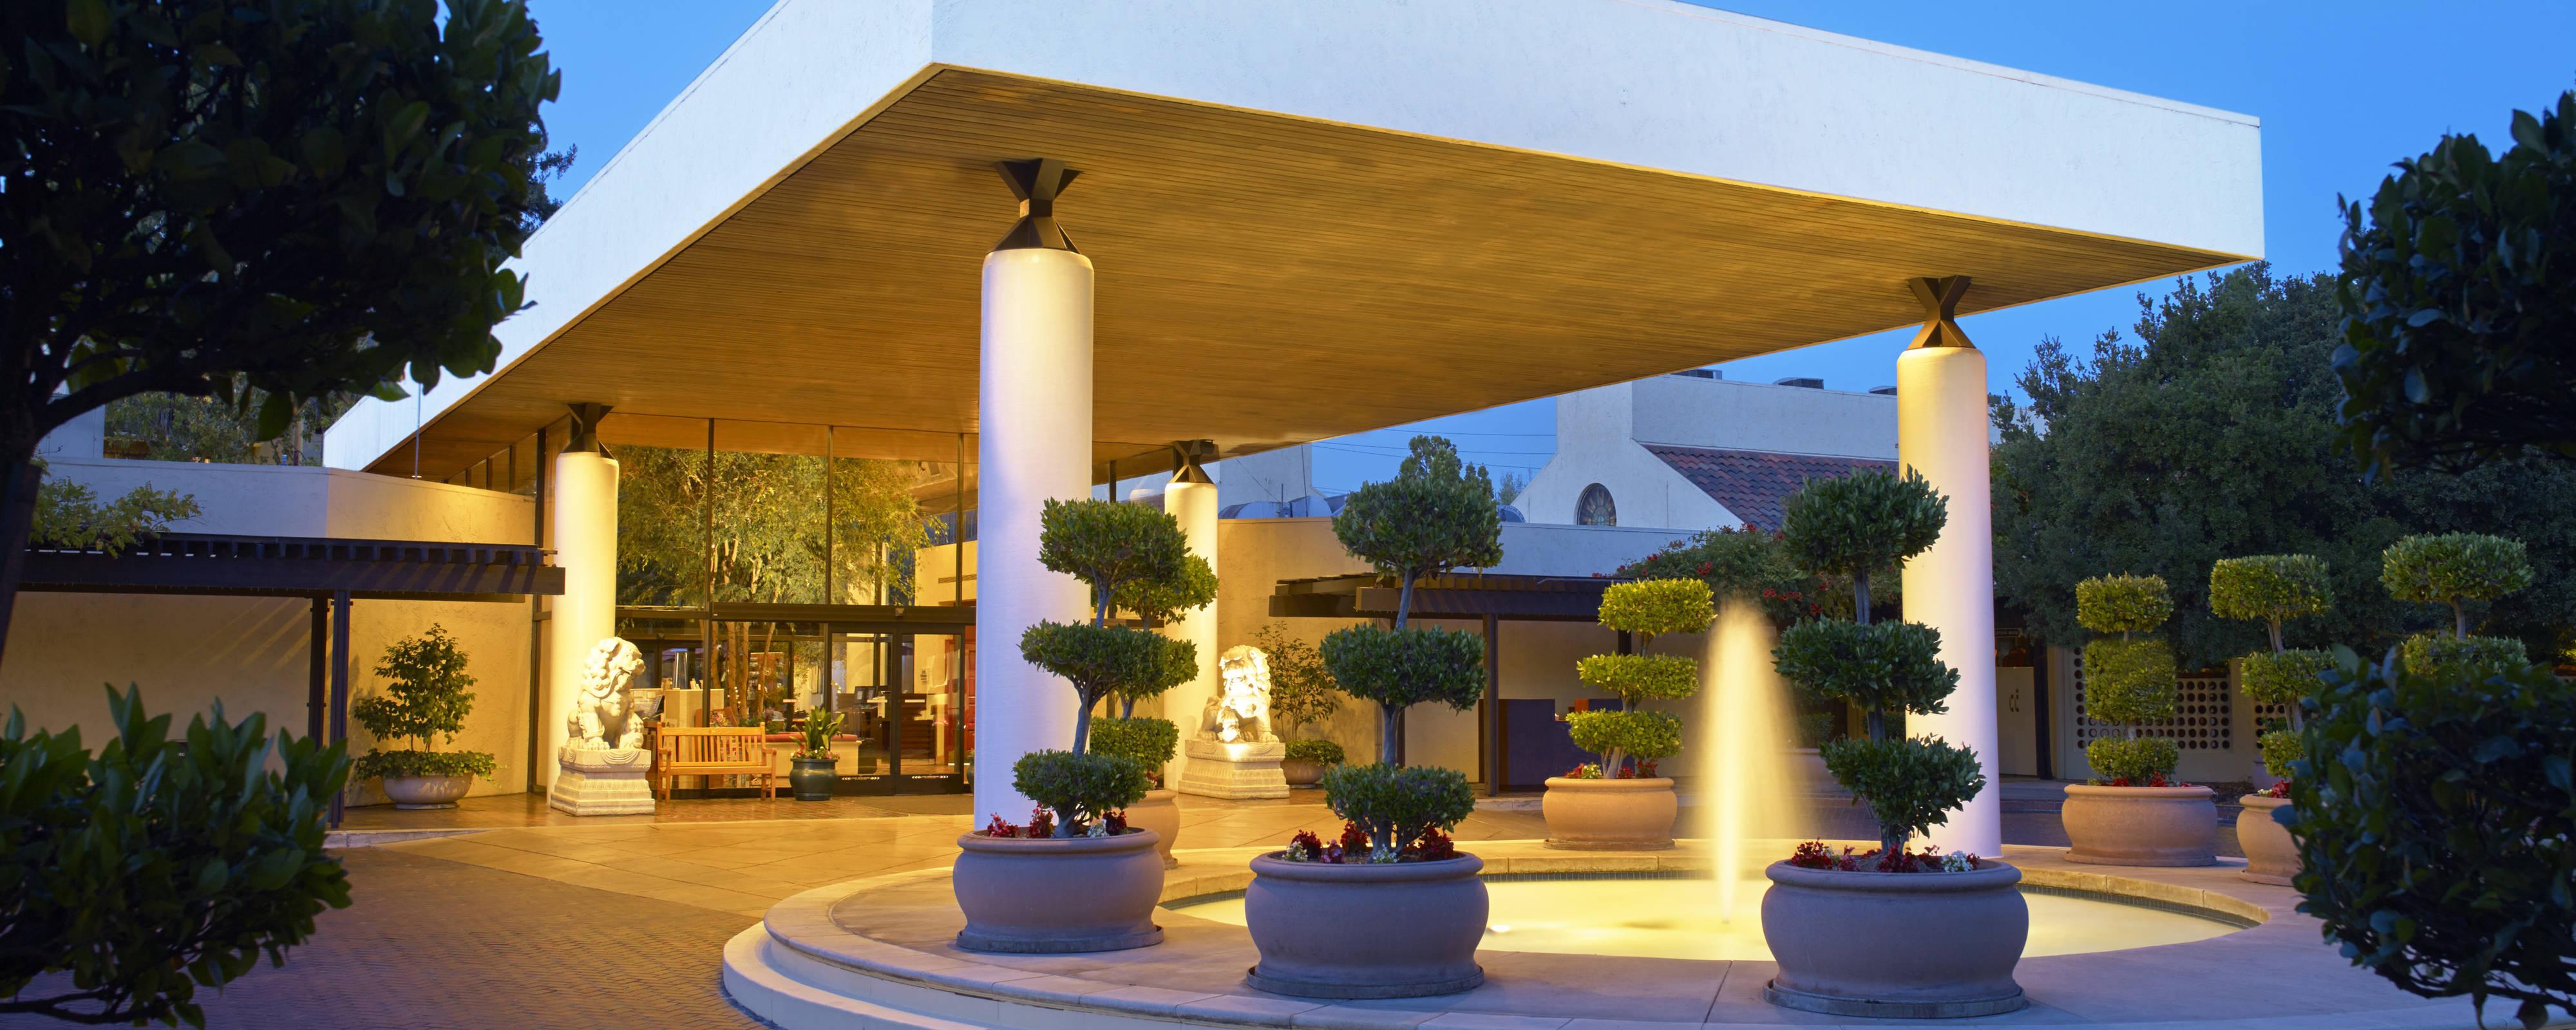 Sheraton Palo Alto Hotel - Palo Alto | Marriott Bonvoy - Starwood Hotels California Map